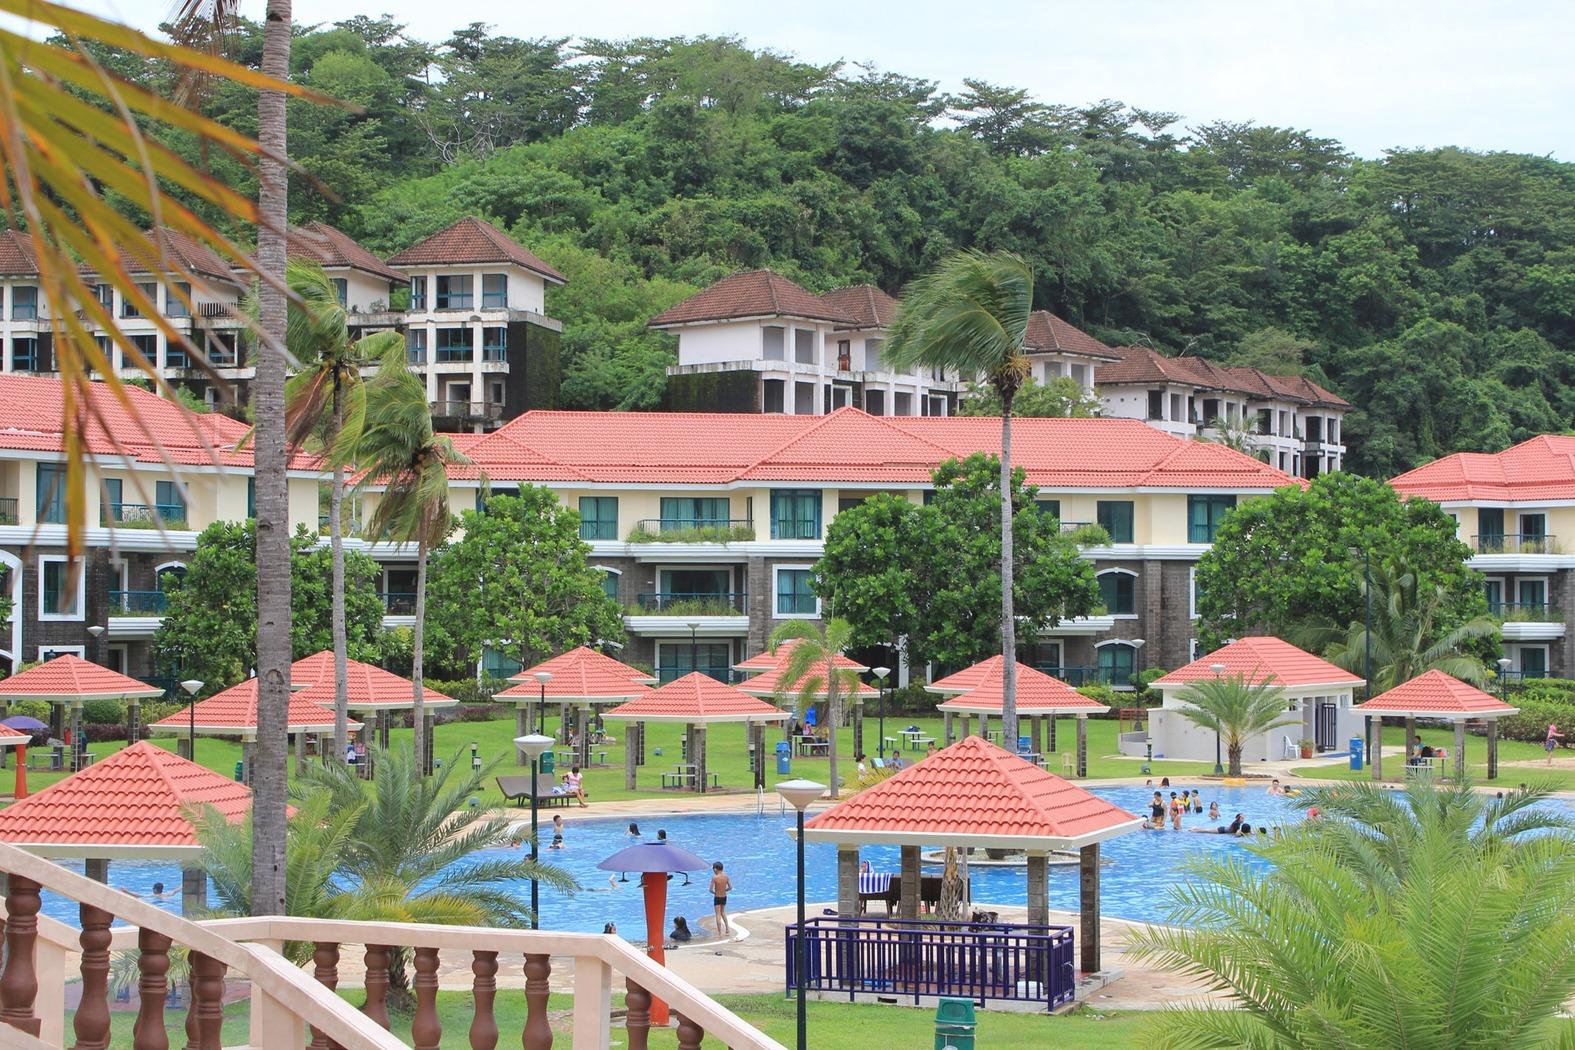 Découvrez le parc résidentiel de loisirs pour vos vacances en bord de mer